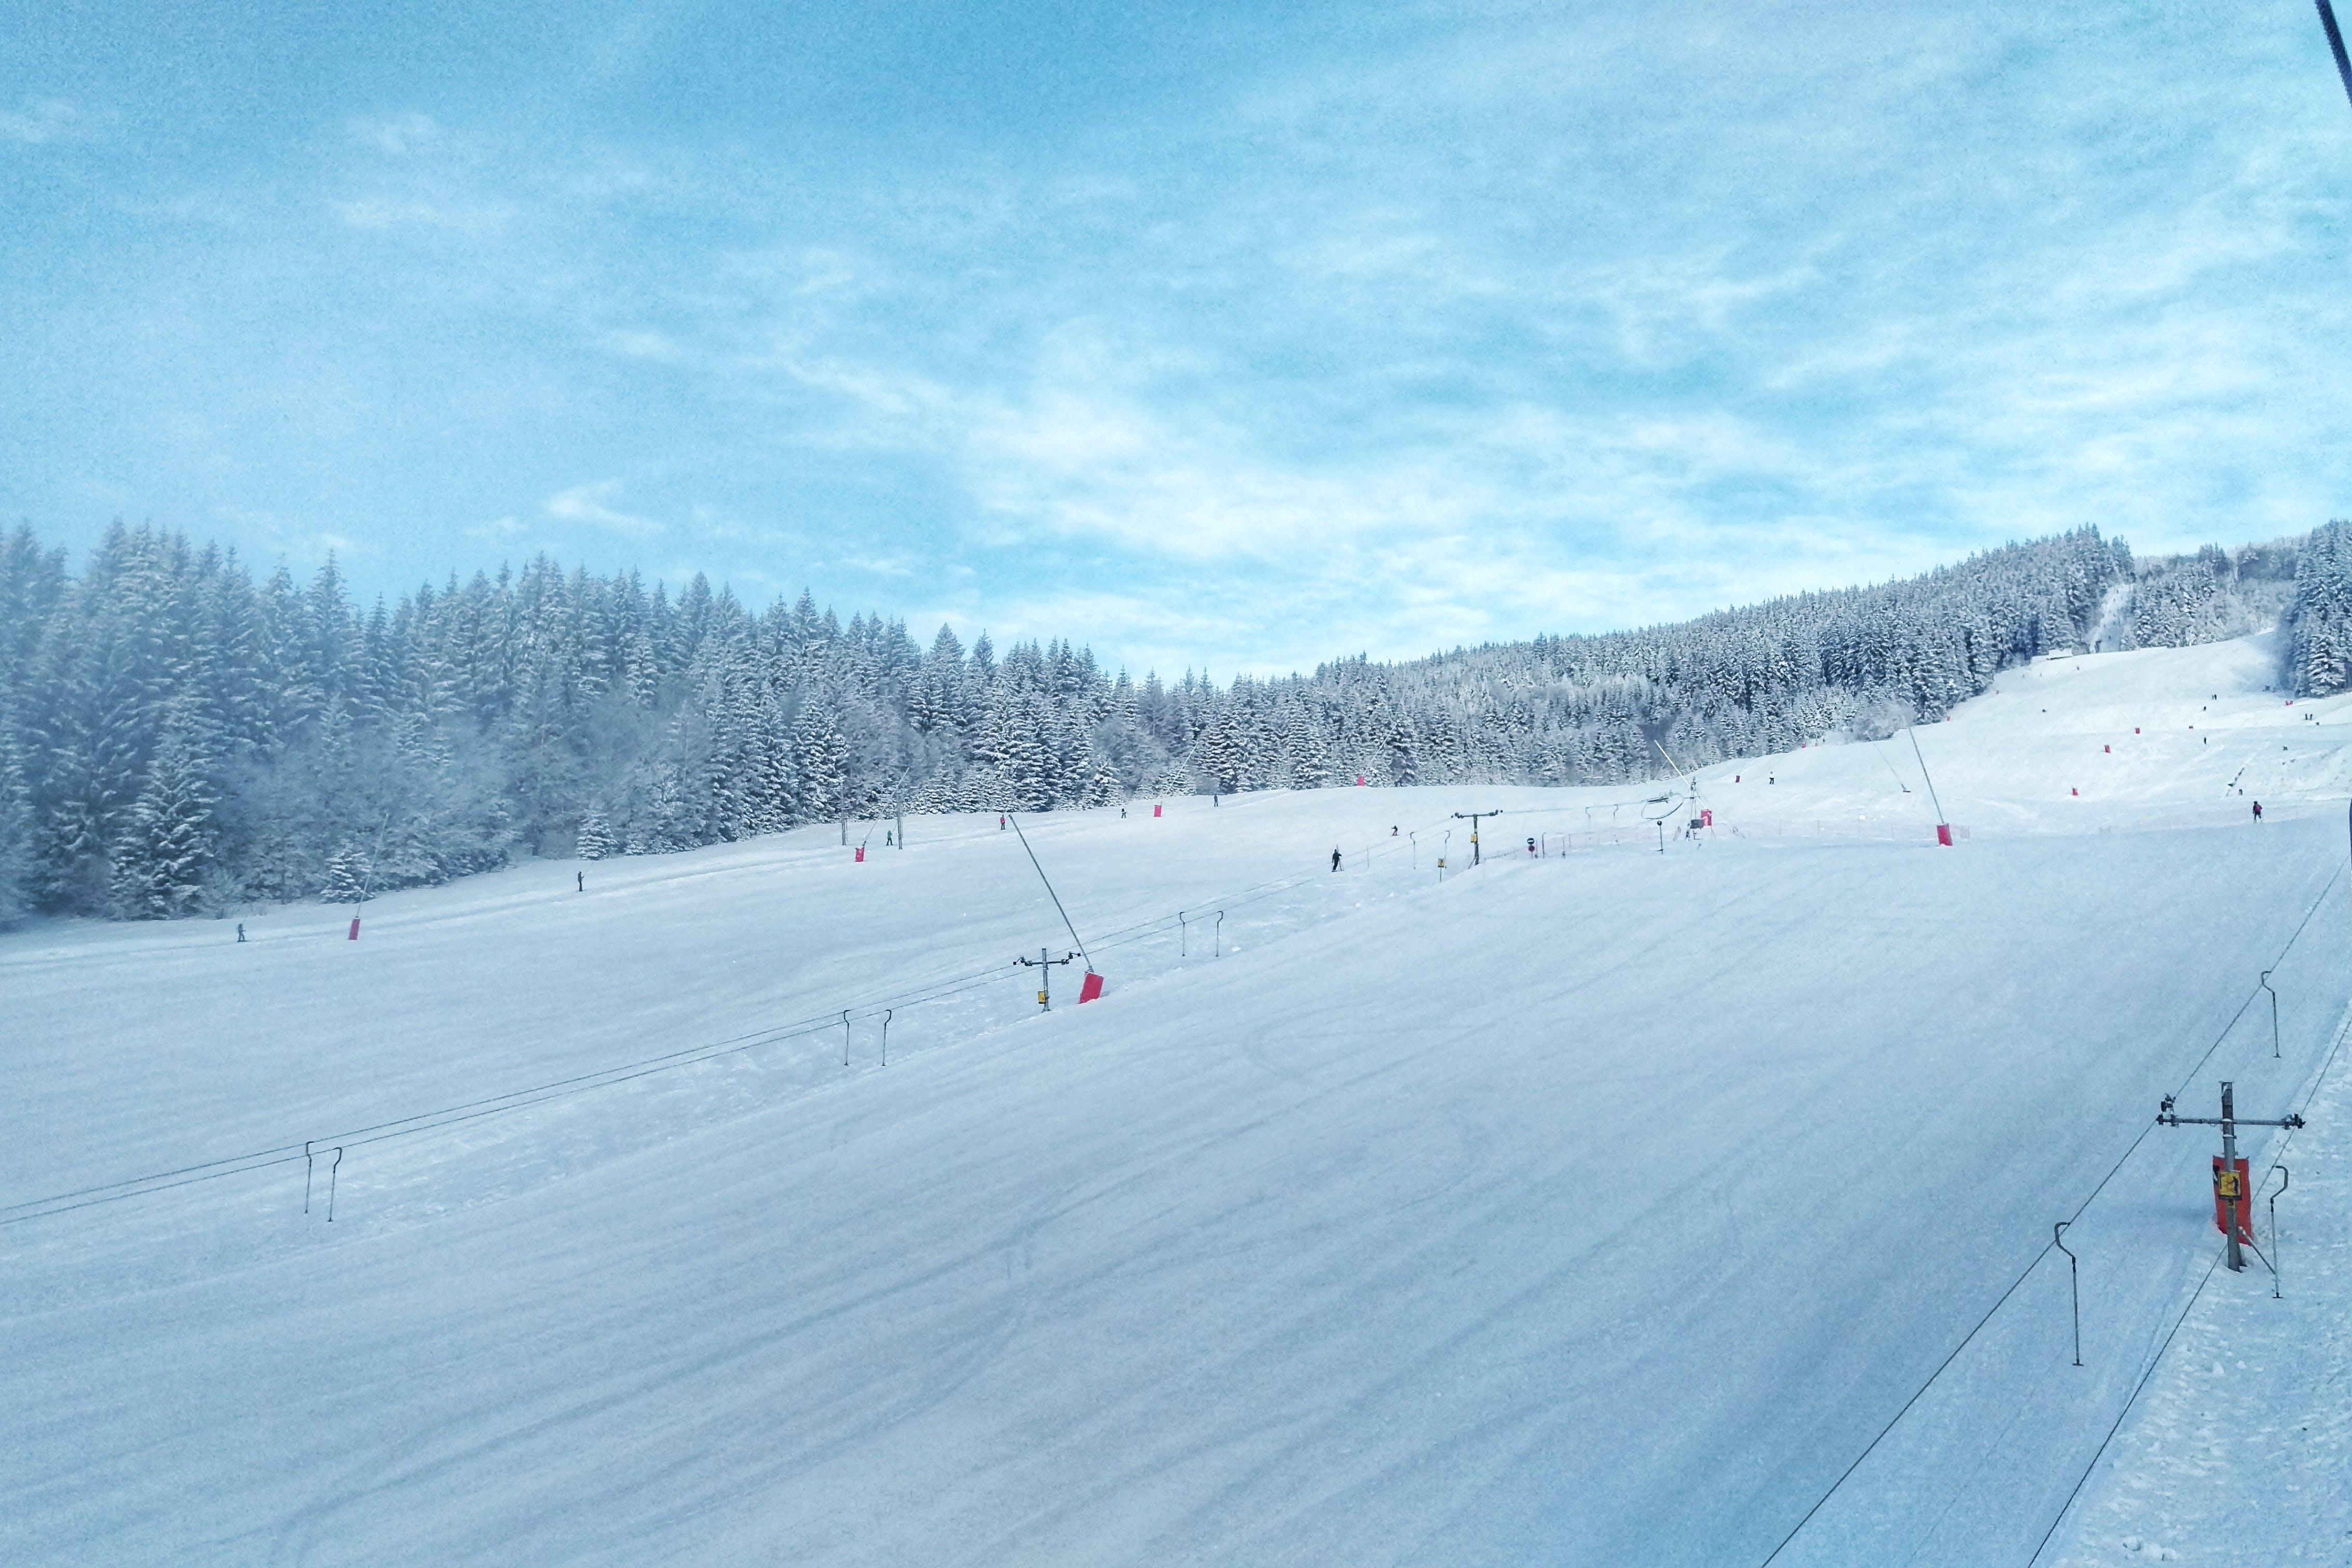 Fotos de stock gratuitas de arboles, bosque, cielo azul, esquiando